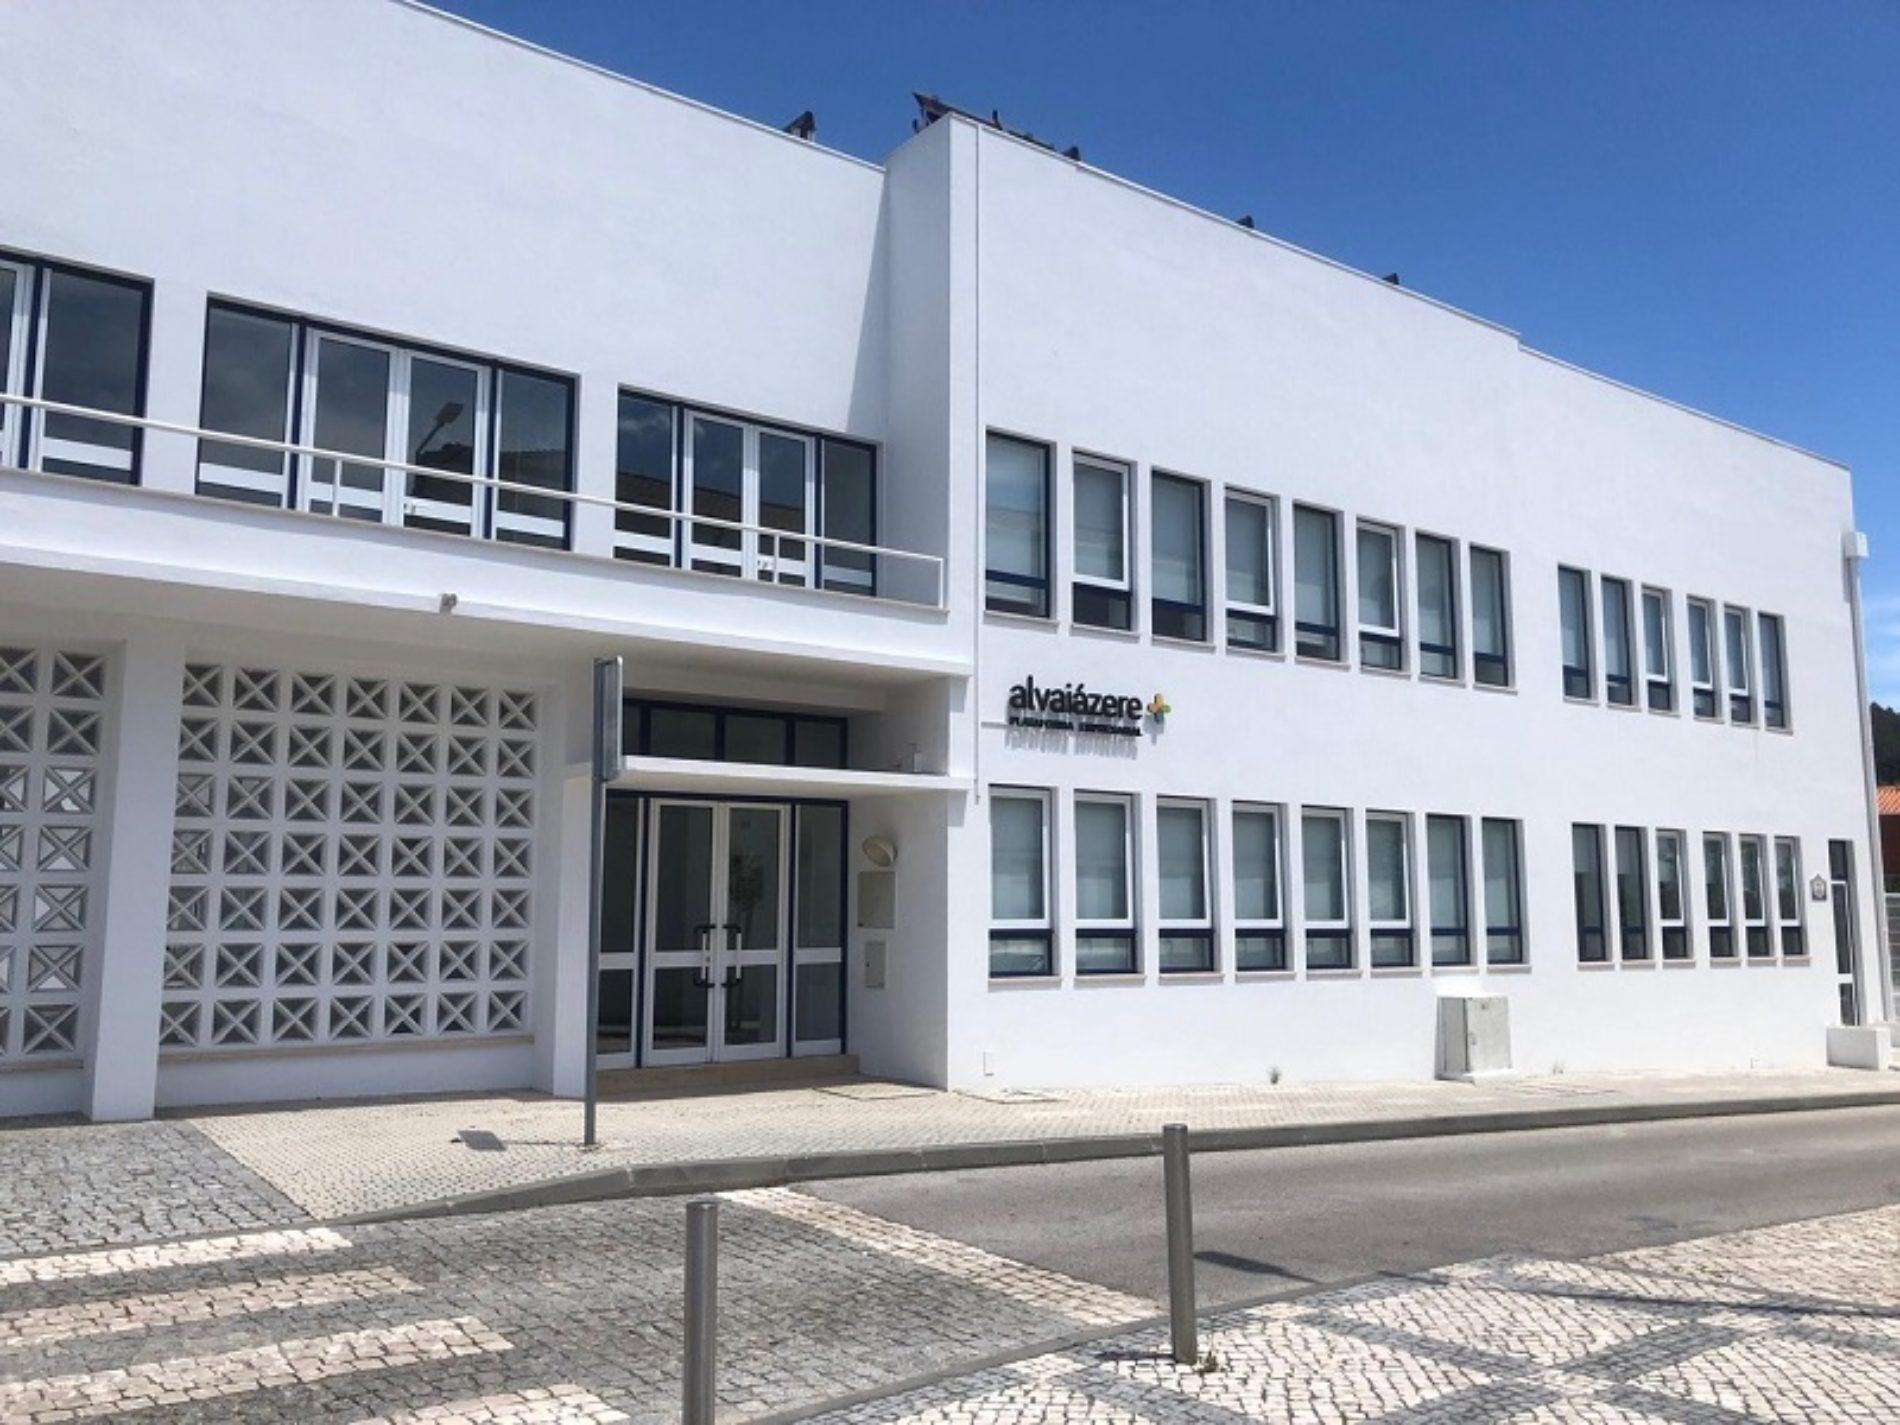 Novas empresas em Alvaiázere travam desertificação do concelho